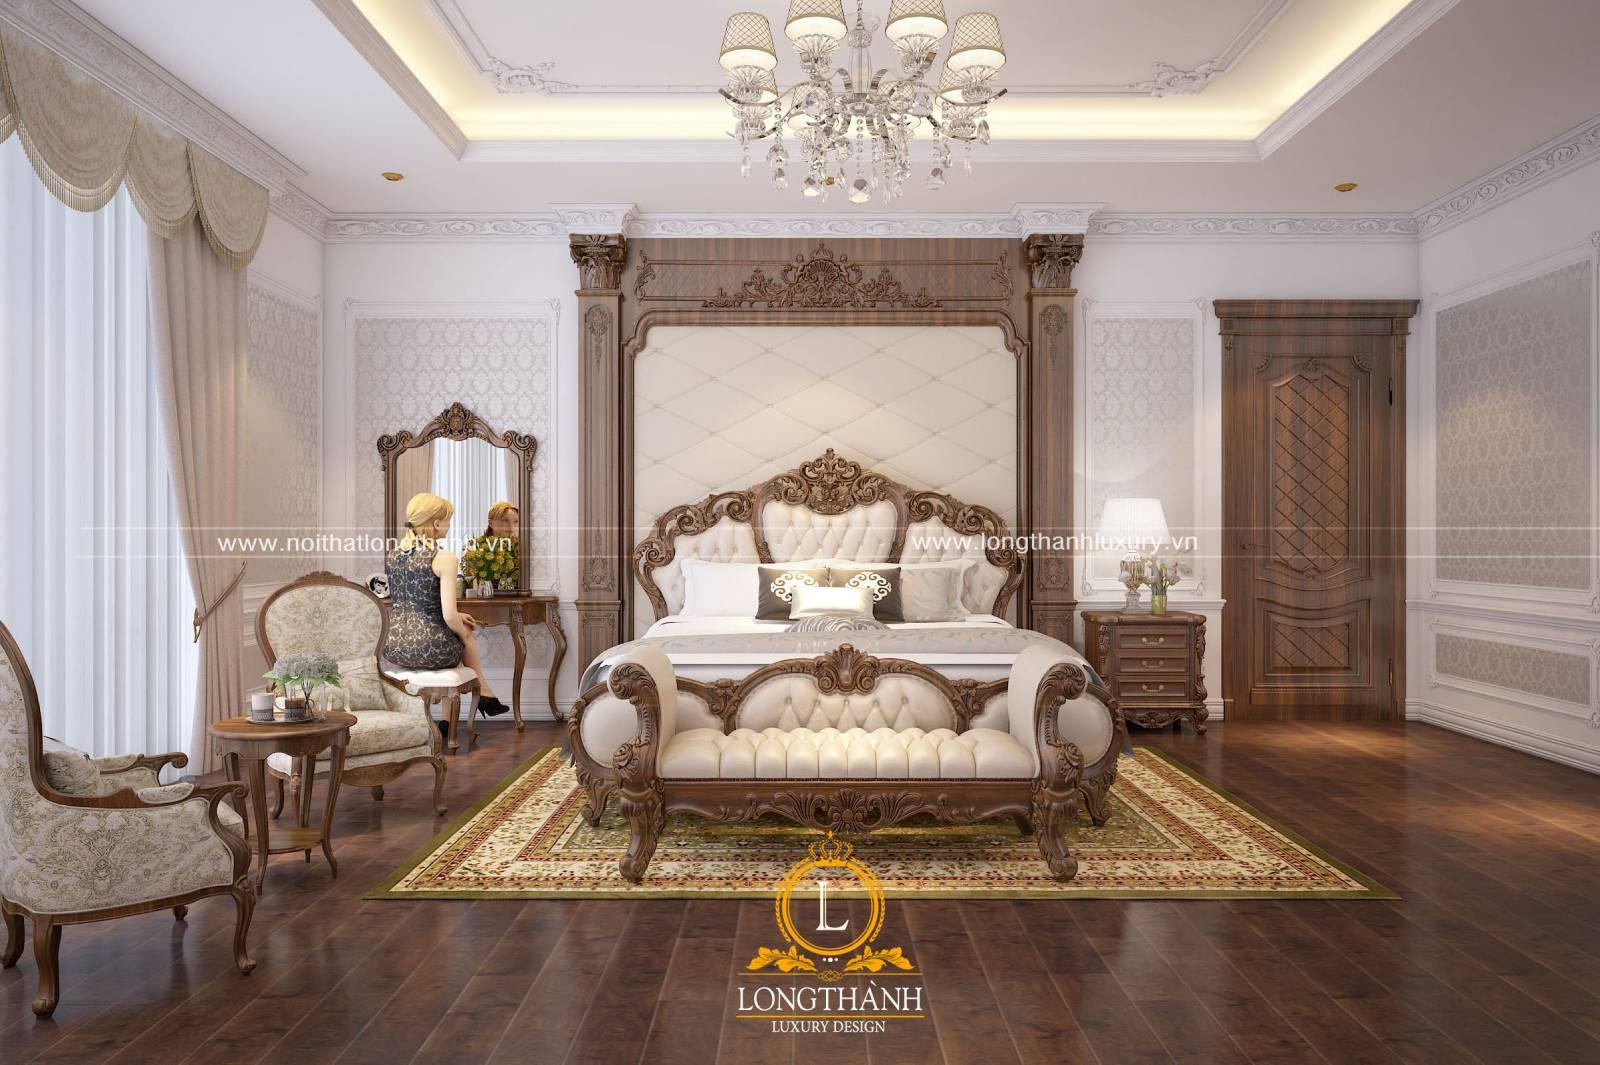 Cửa gỗ tự nhiên cho phòng ngủ giúp tăng thêm giá trị thẩm mỹ